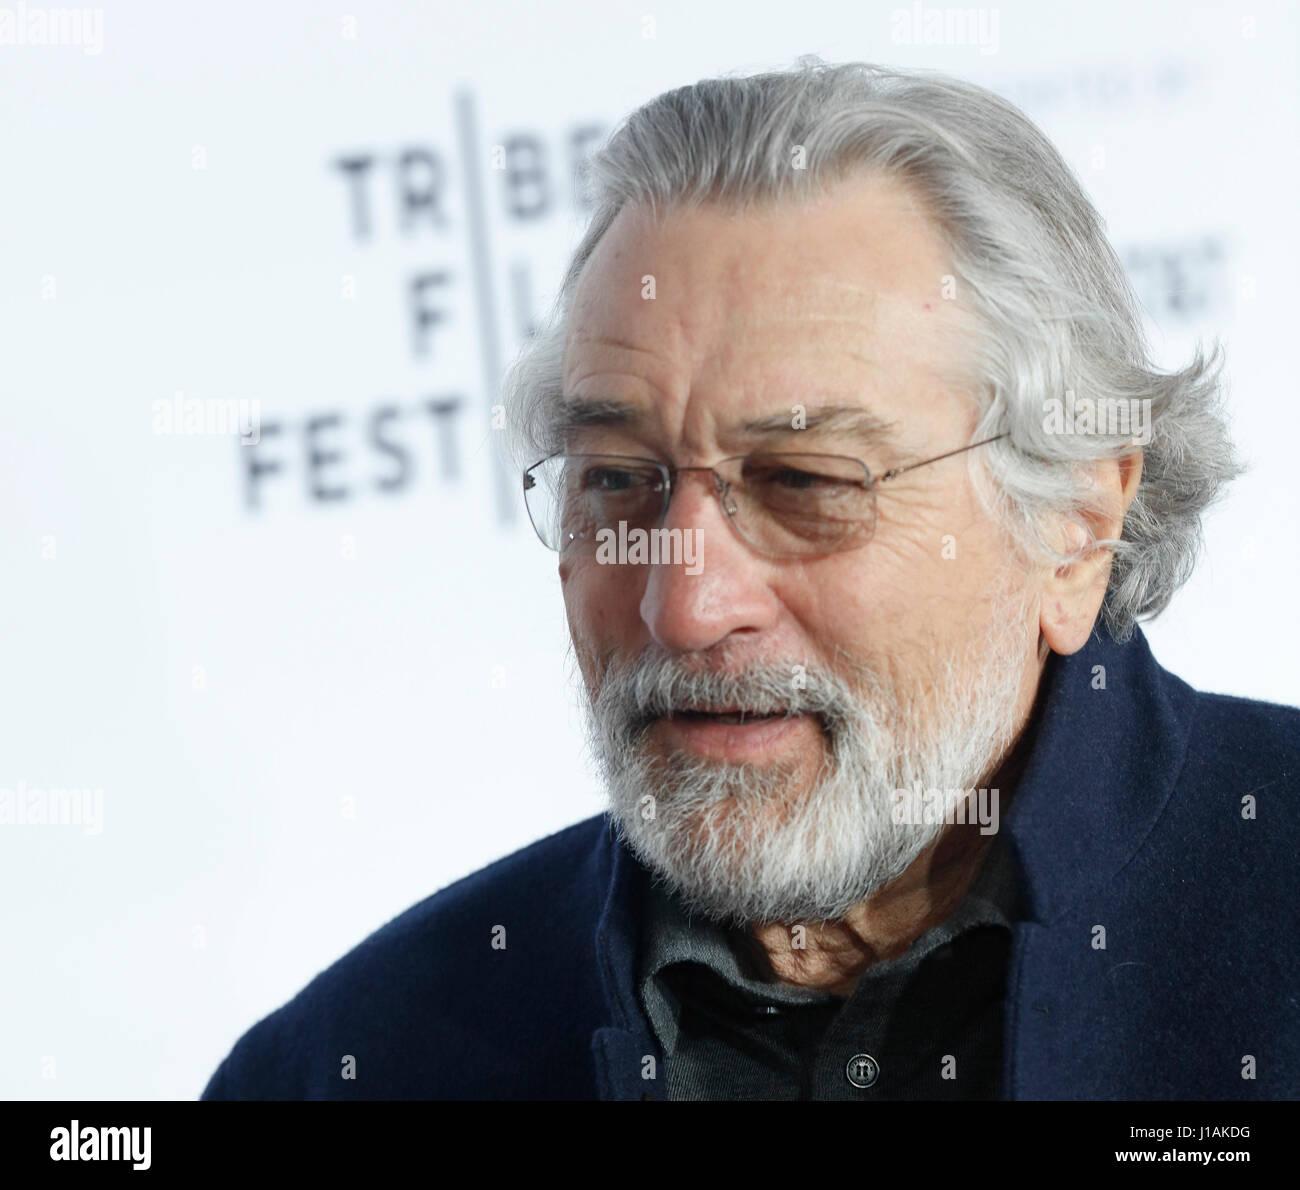 Nueva York, Estados Unidos. 19 de abril de 2017. Robert De Niro llega al Festival de Cine de Tribeca 2017 La noche Imagen De Stock